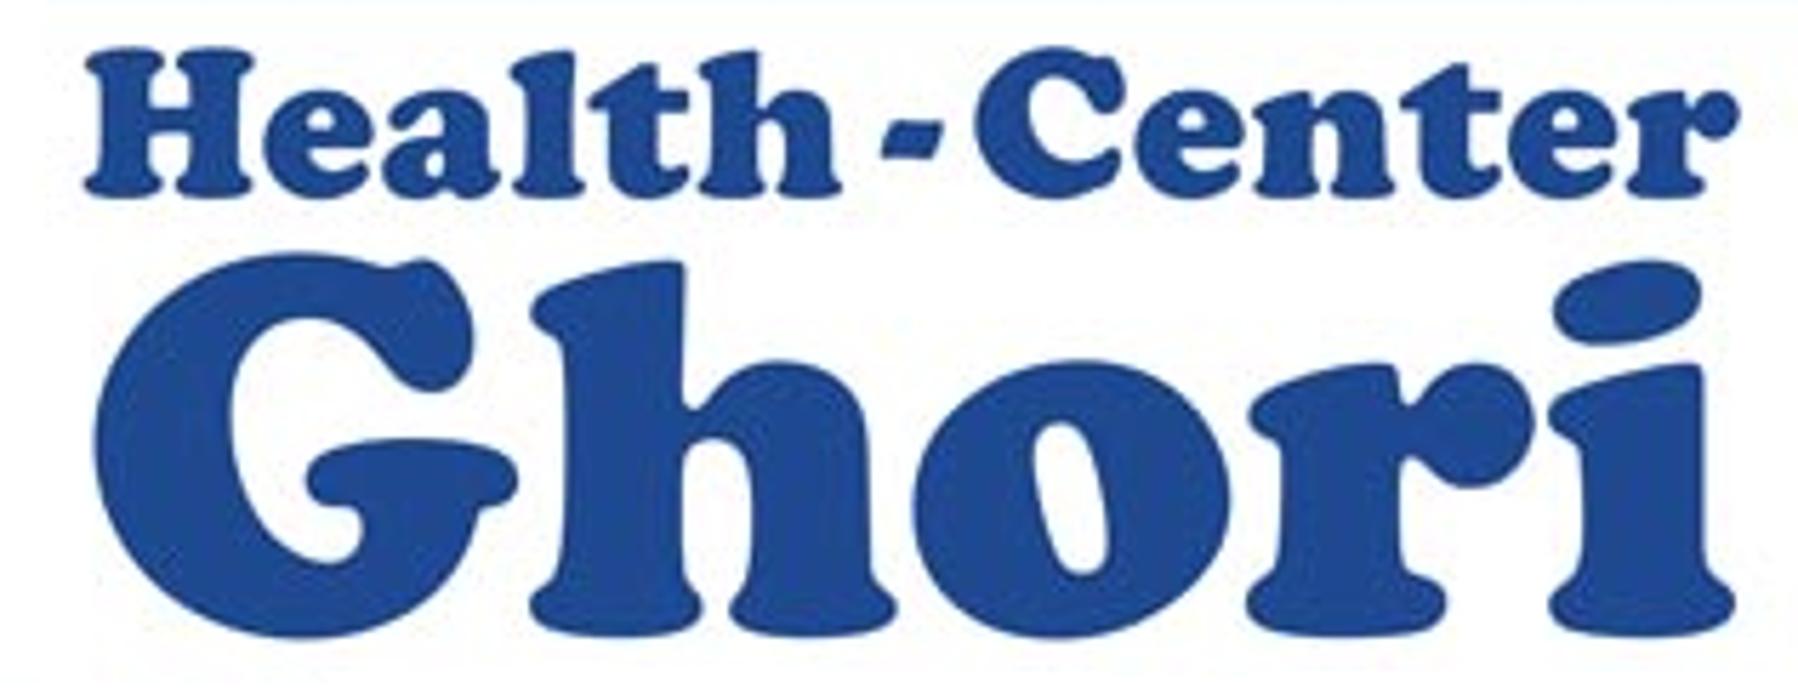 Bild zu Health Center Ghori in Hamburg